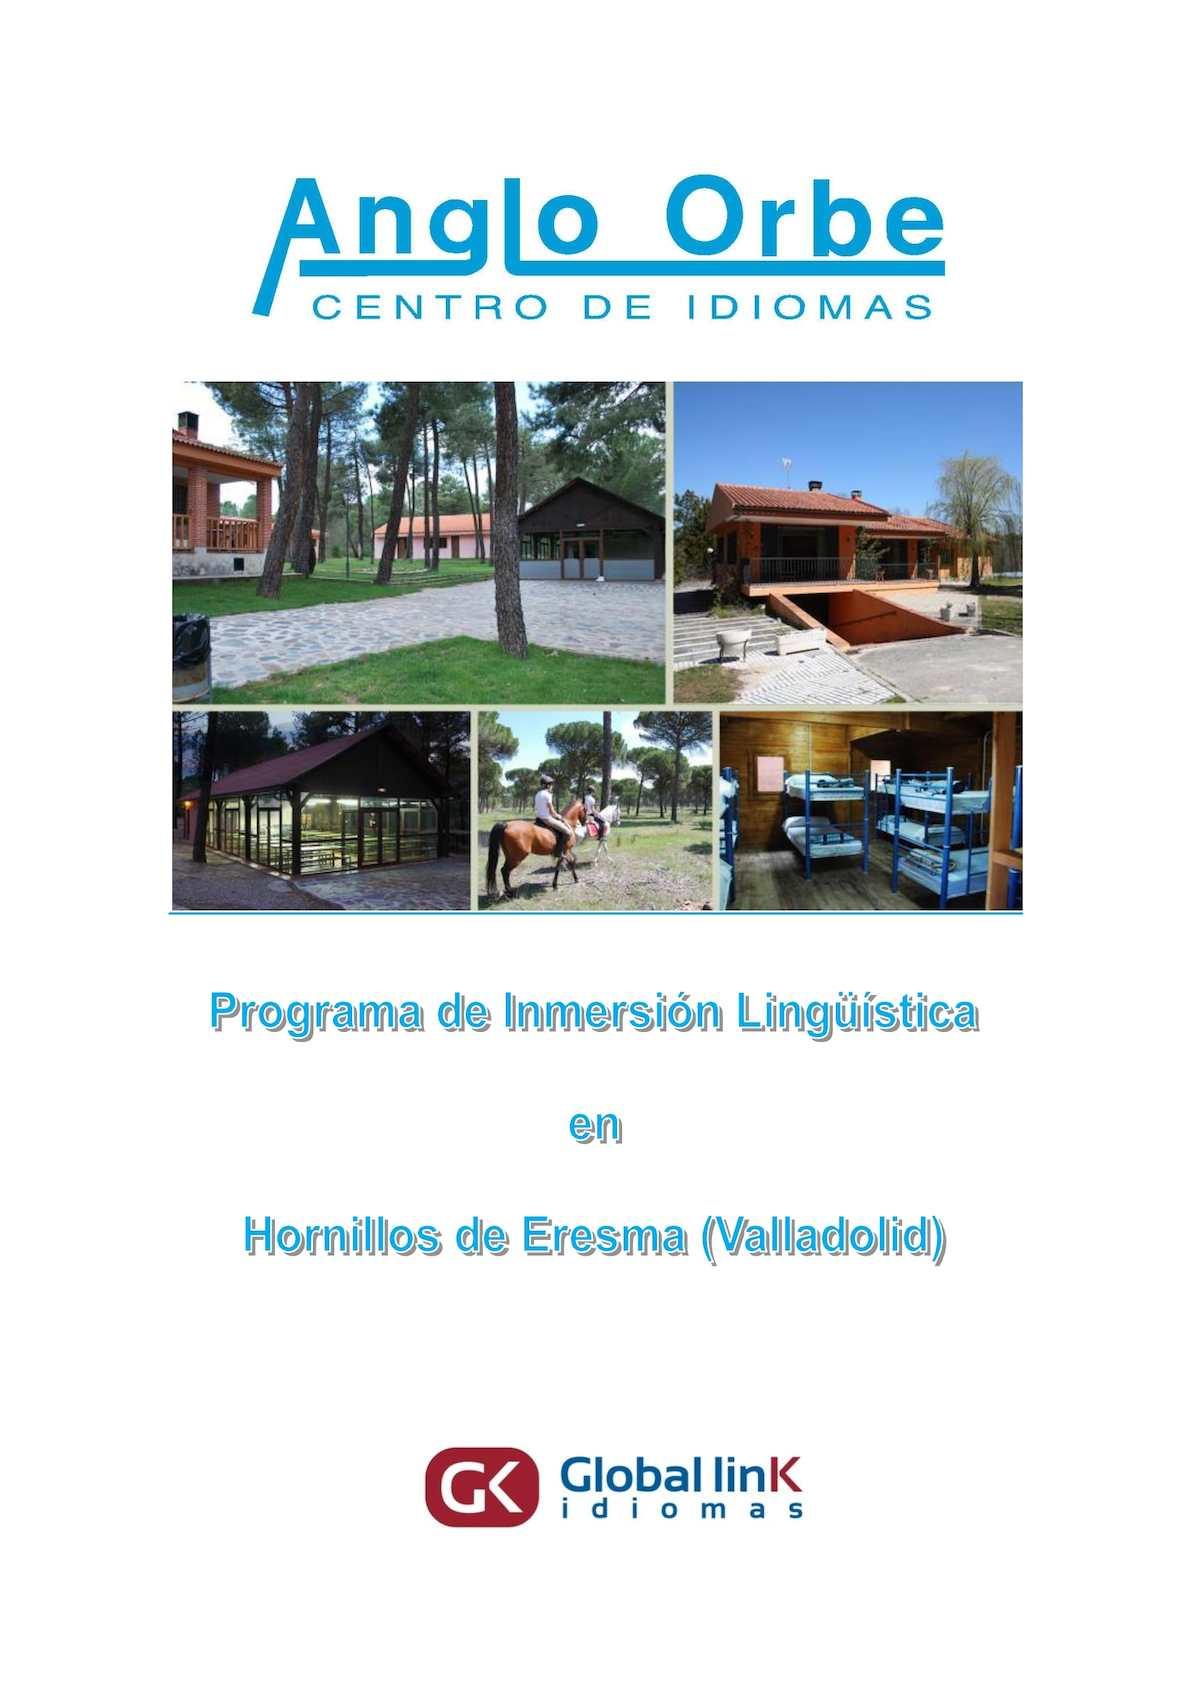 Calaméo - Info MEC Inmersión Lingüistica El Trasto (Otoño 2015) 4aad71ad9ca09